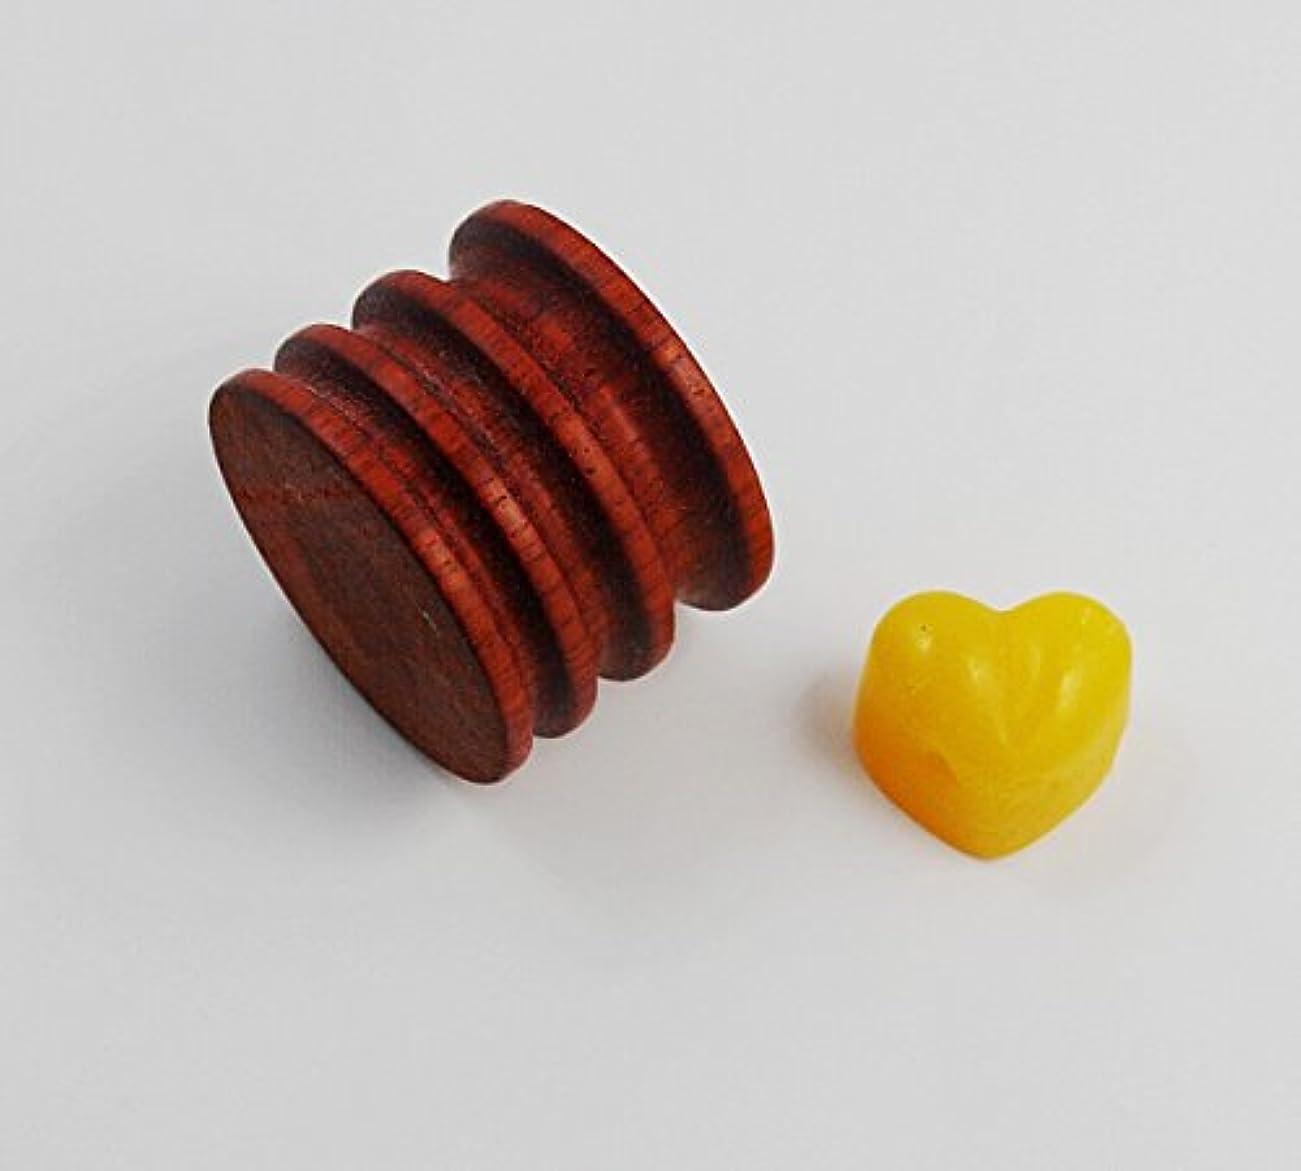 投資するロープ関連付けるCHENGYIDA 木製丸型へり磨き 革工芸 革手芸 革細工道具 ラウンドハンドバーナーとバニッシングワックスコンボ(レザー、工具、ココボロスリッカー)